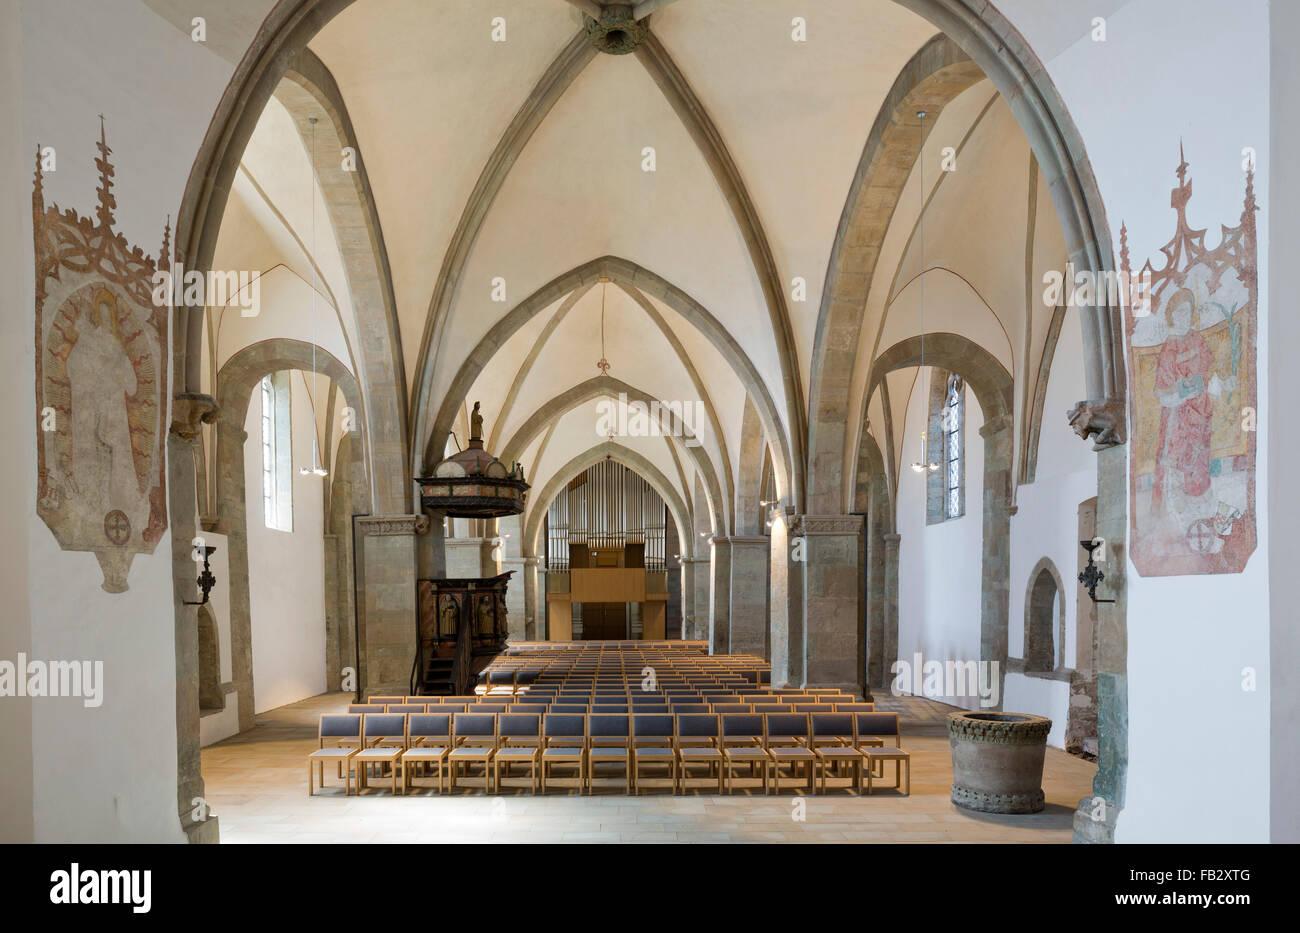 Schwerte, Kirche St. Viktor, Innenraum mit neuer Orgel - Stock Image